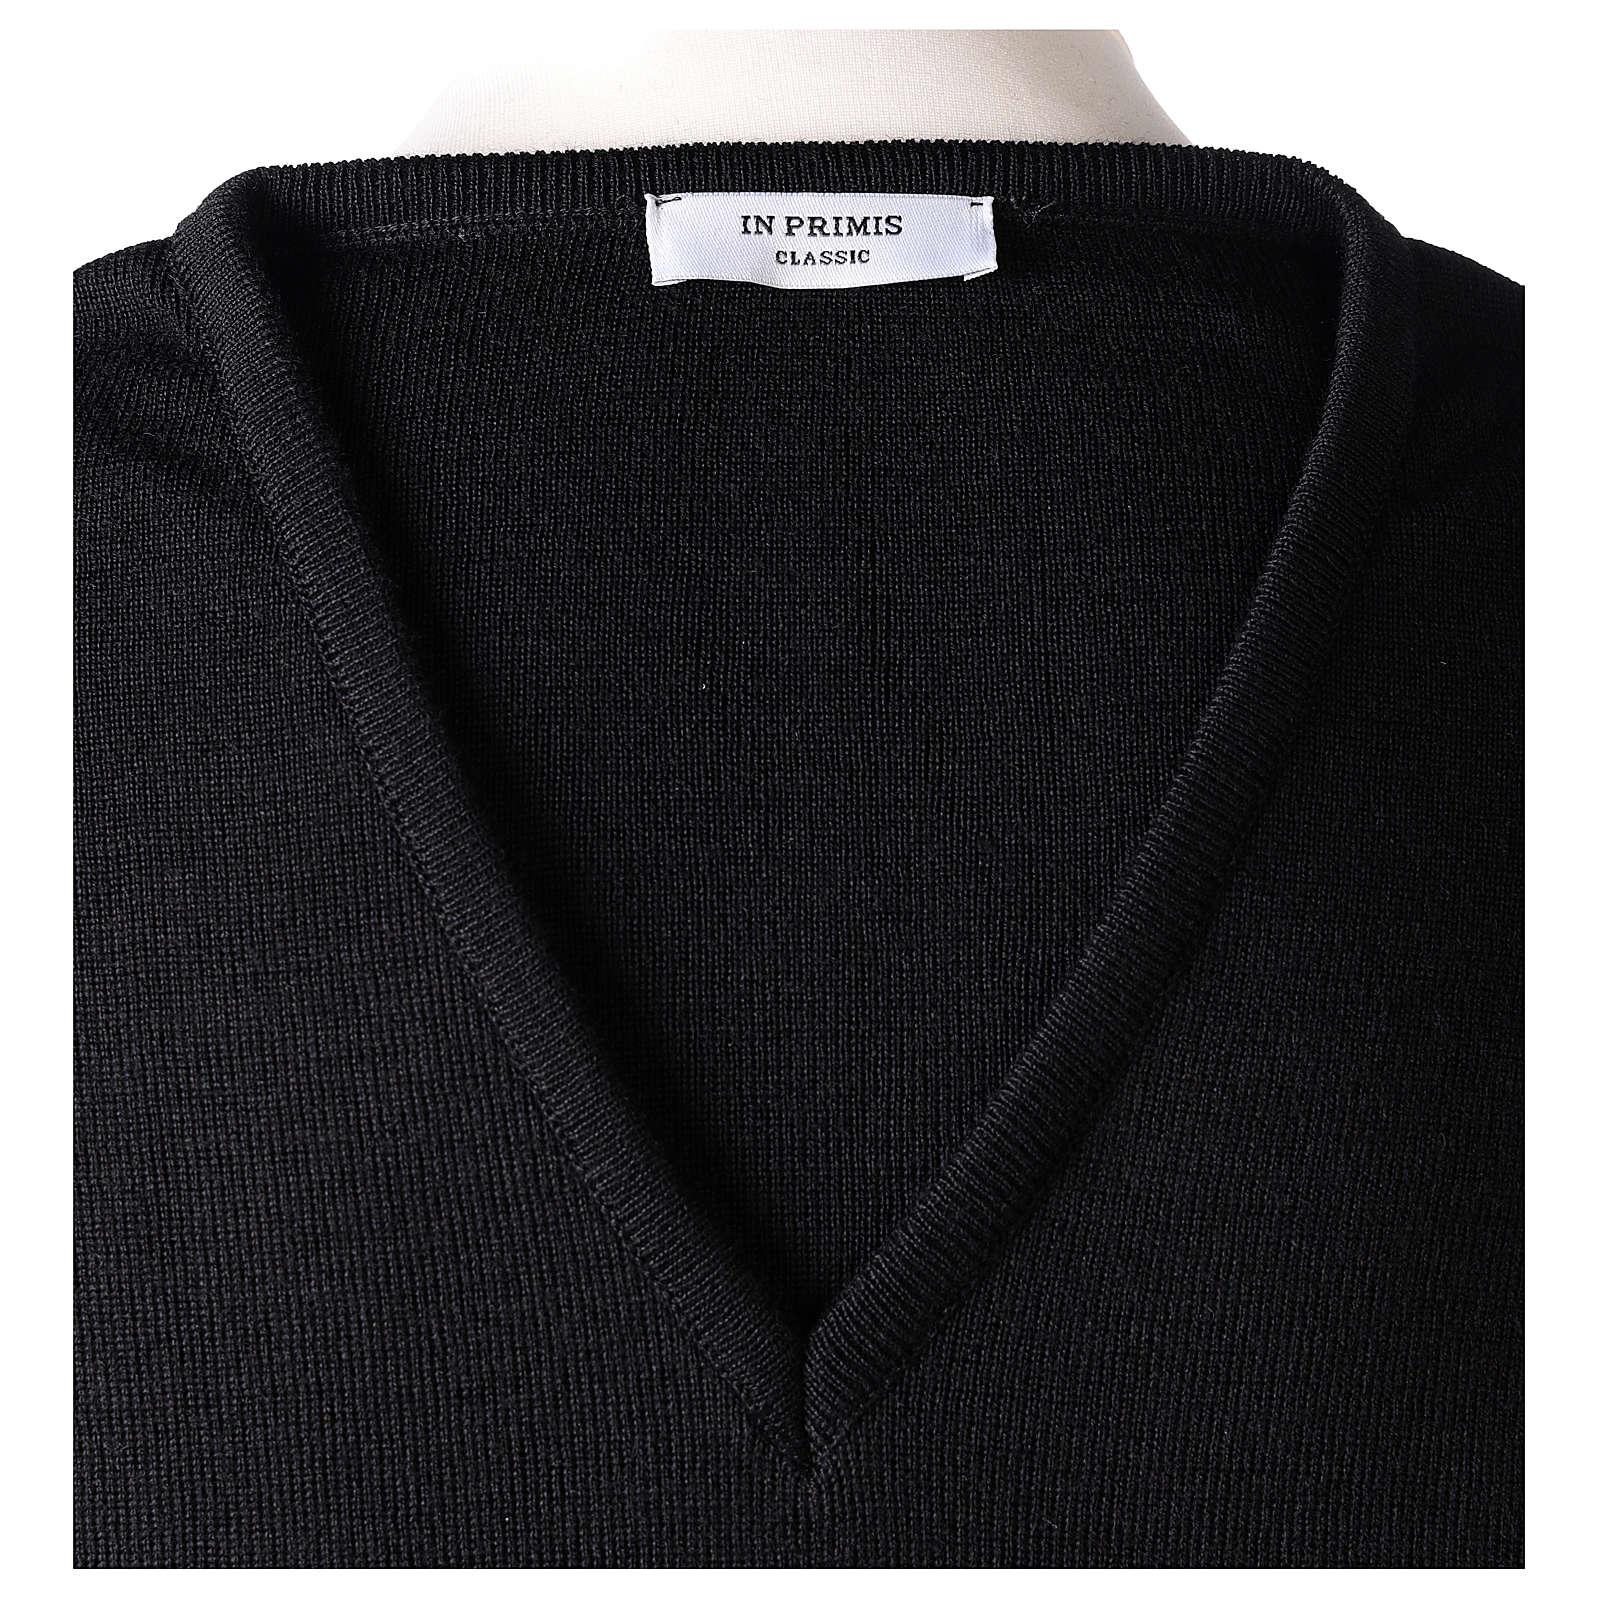 Pullover sacerdote scollo a V nero in maglia unita 50% lana merino 50% acrilico 4